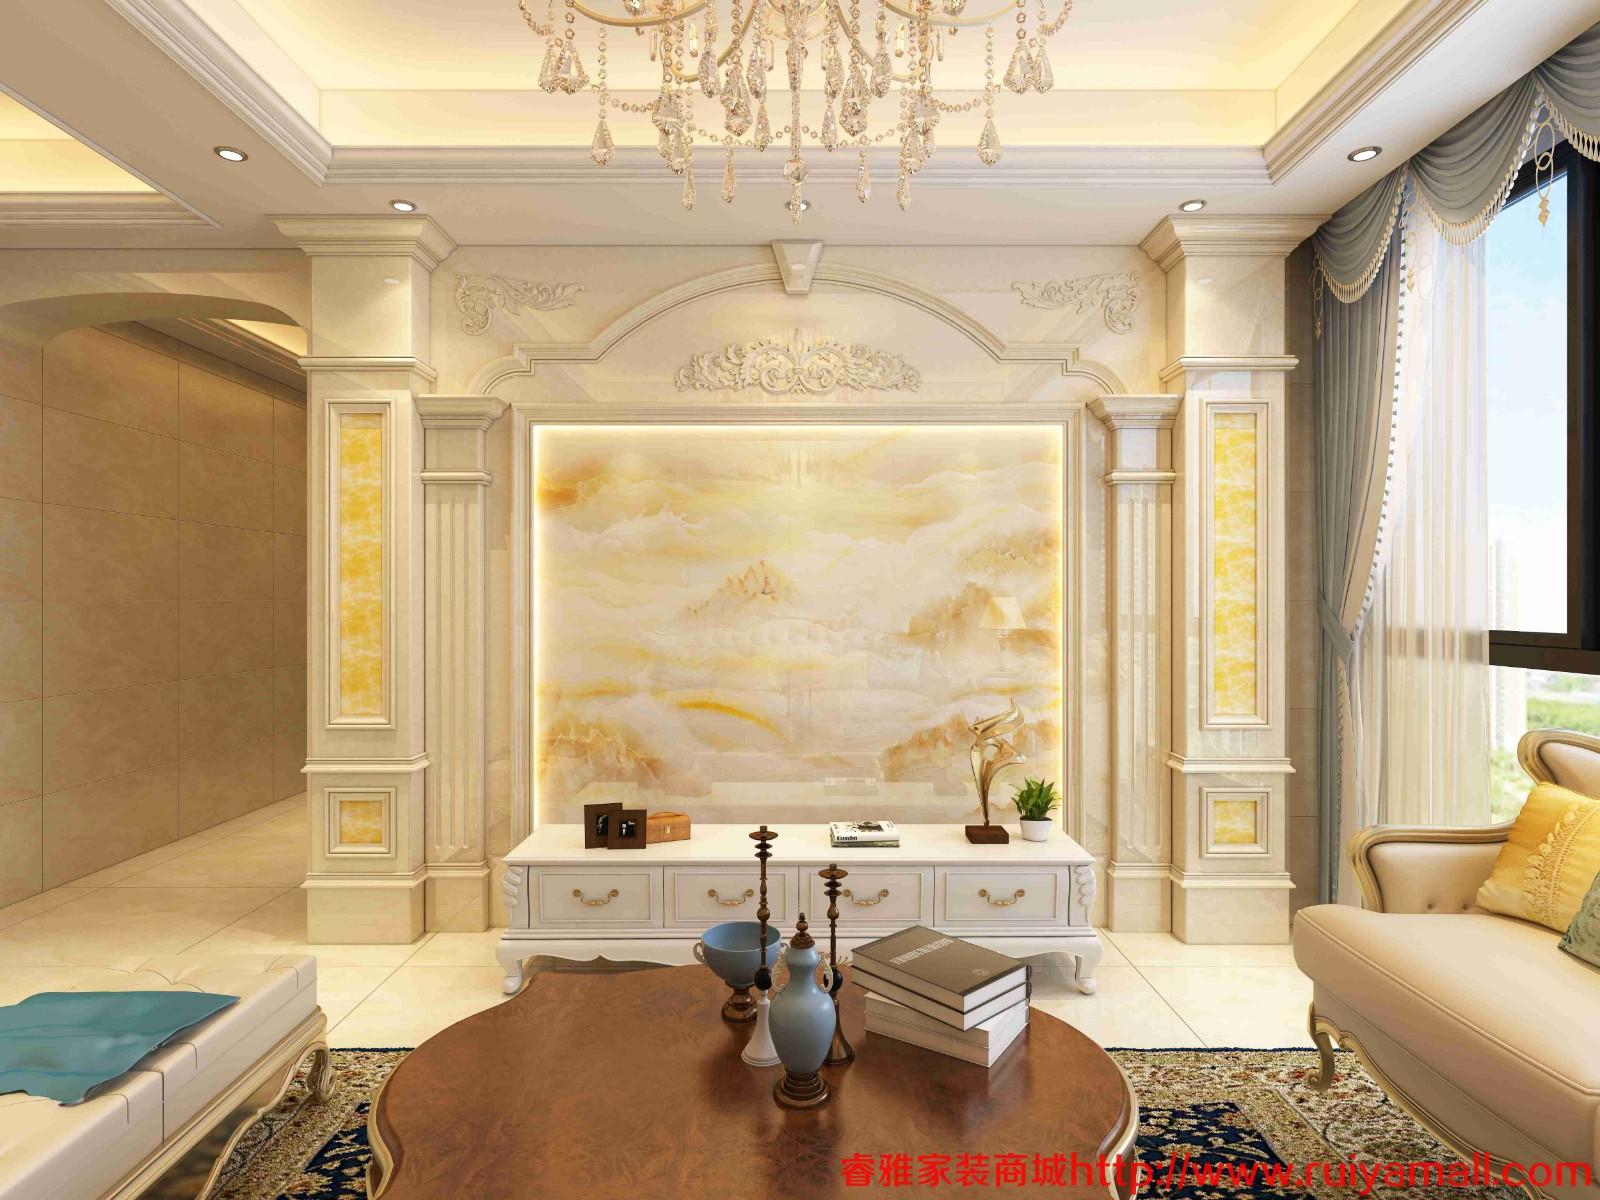 电视背景墙瓷砖现代简约客厅3D微晶石石材边框装饰造型石材护墙板-套餐9